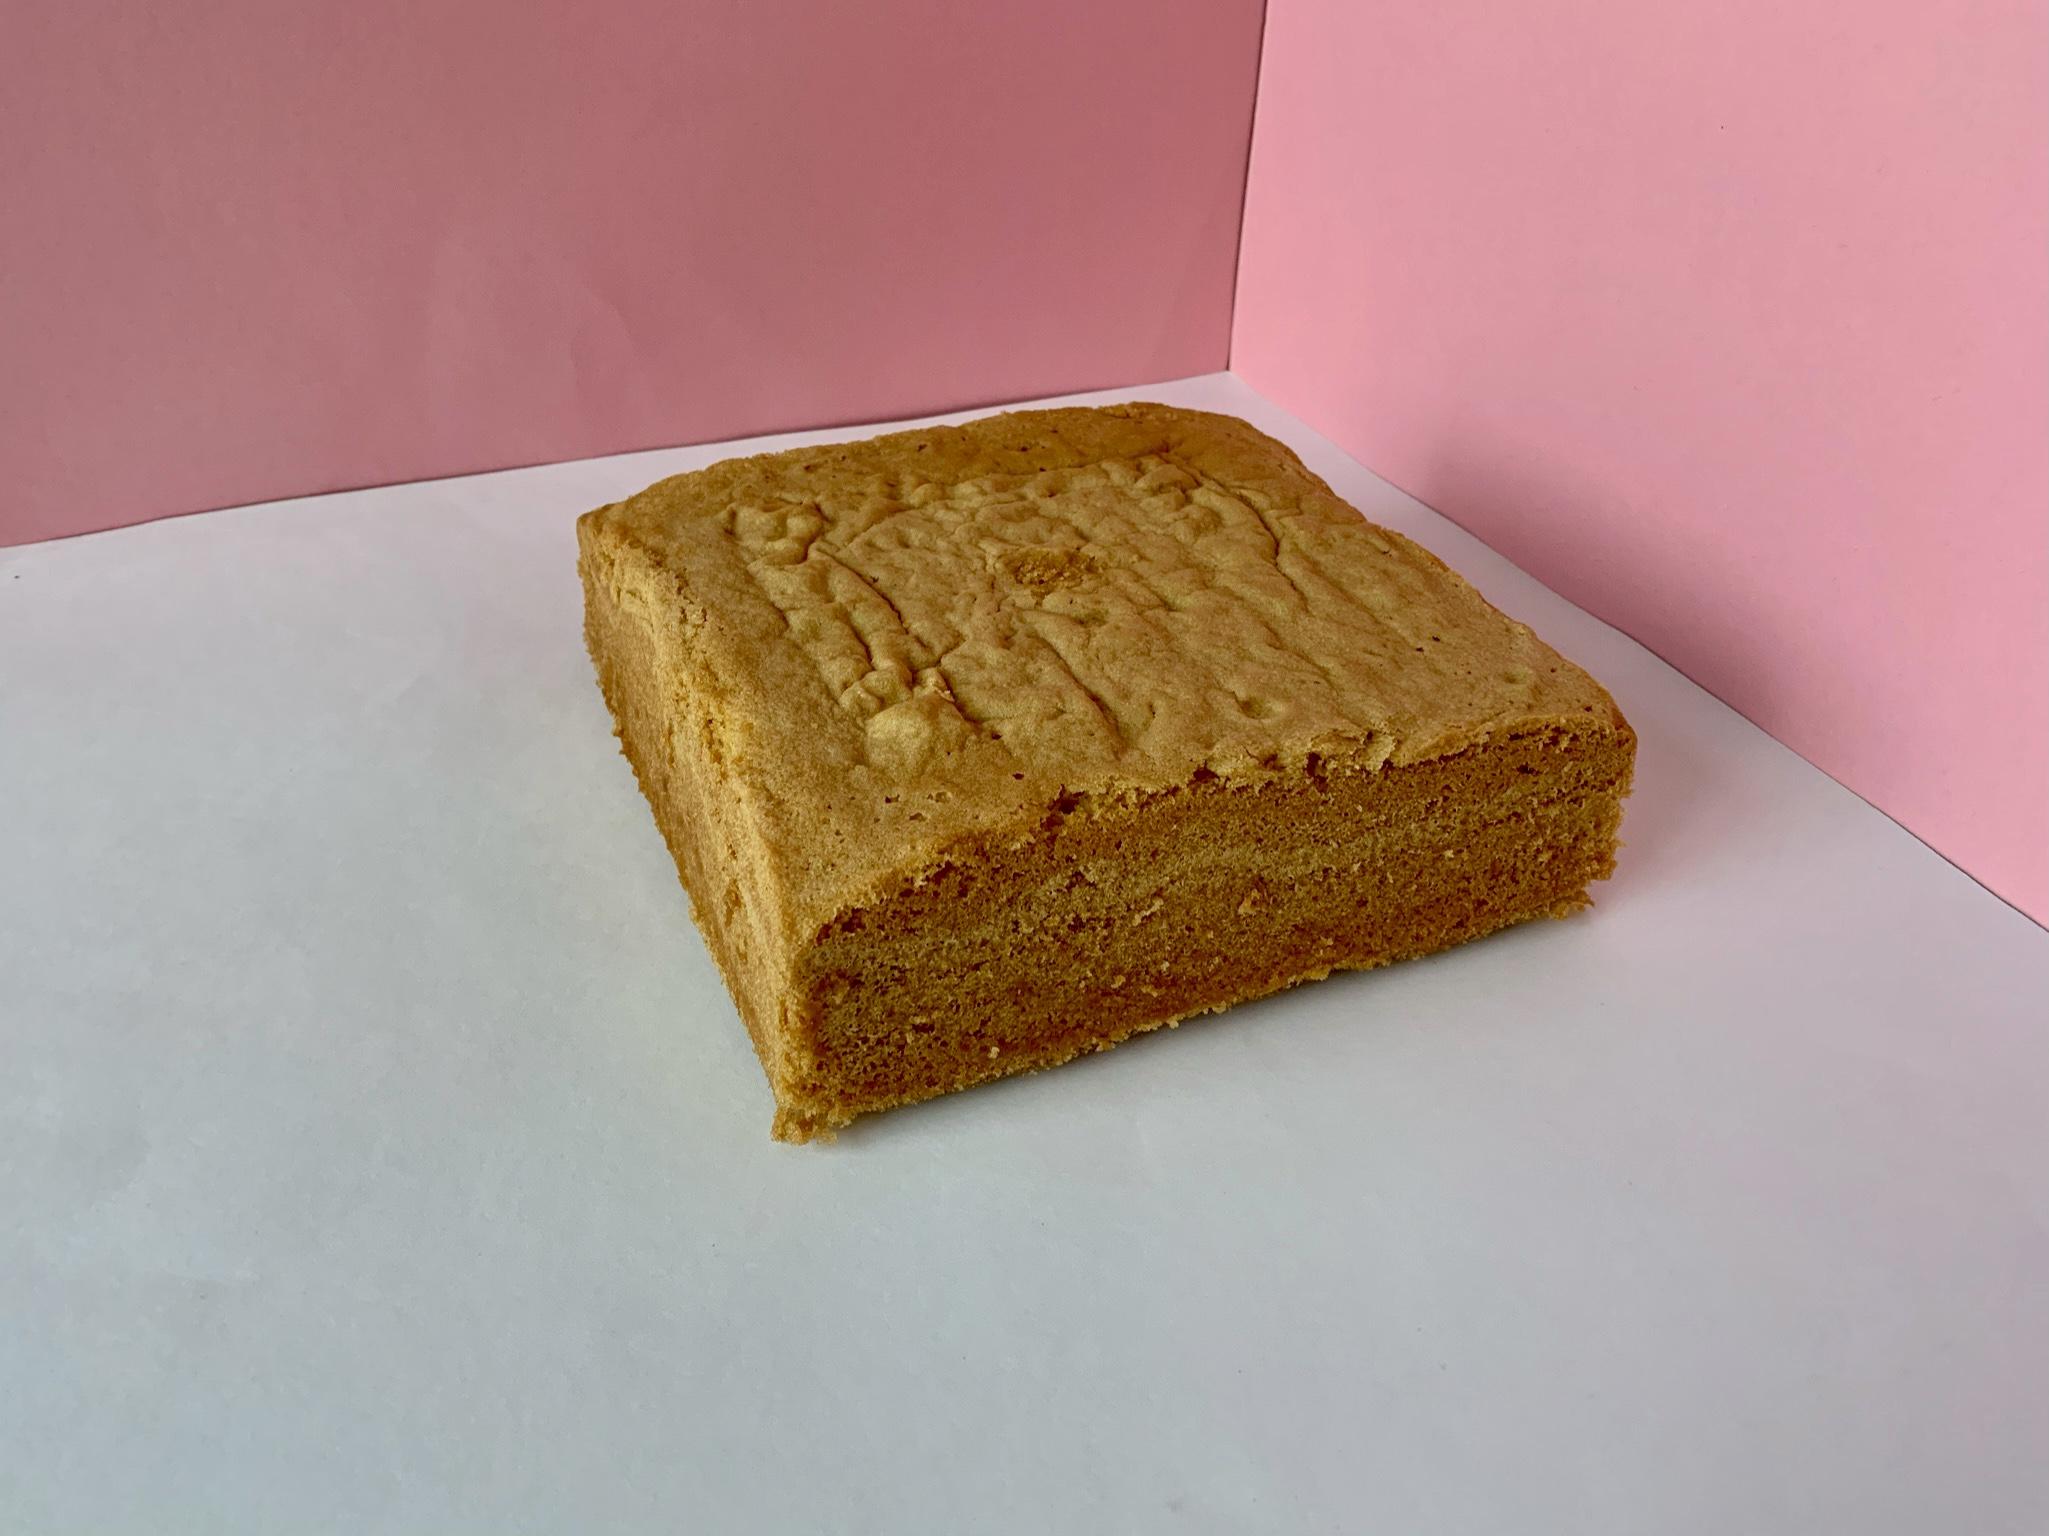 rmc-round-sponge-front-pink-bg